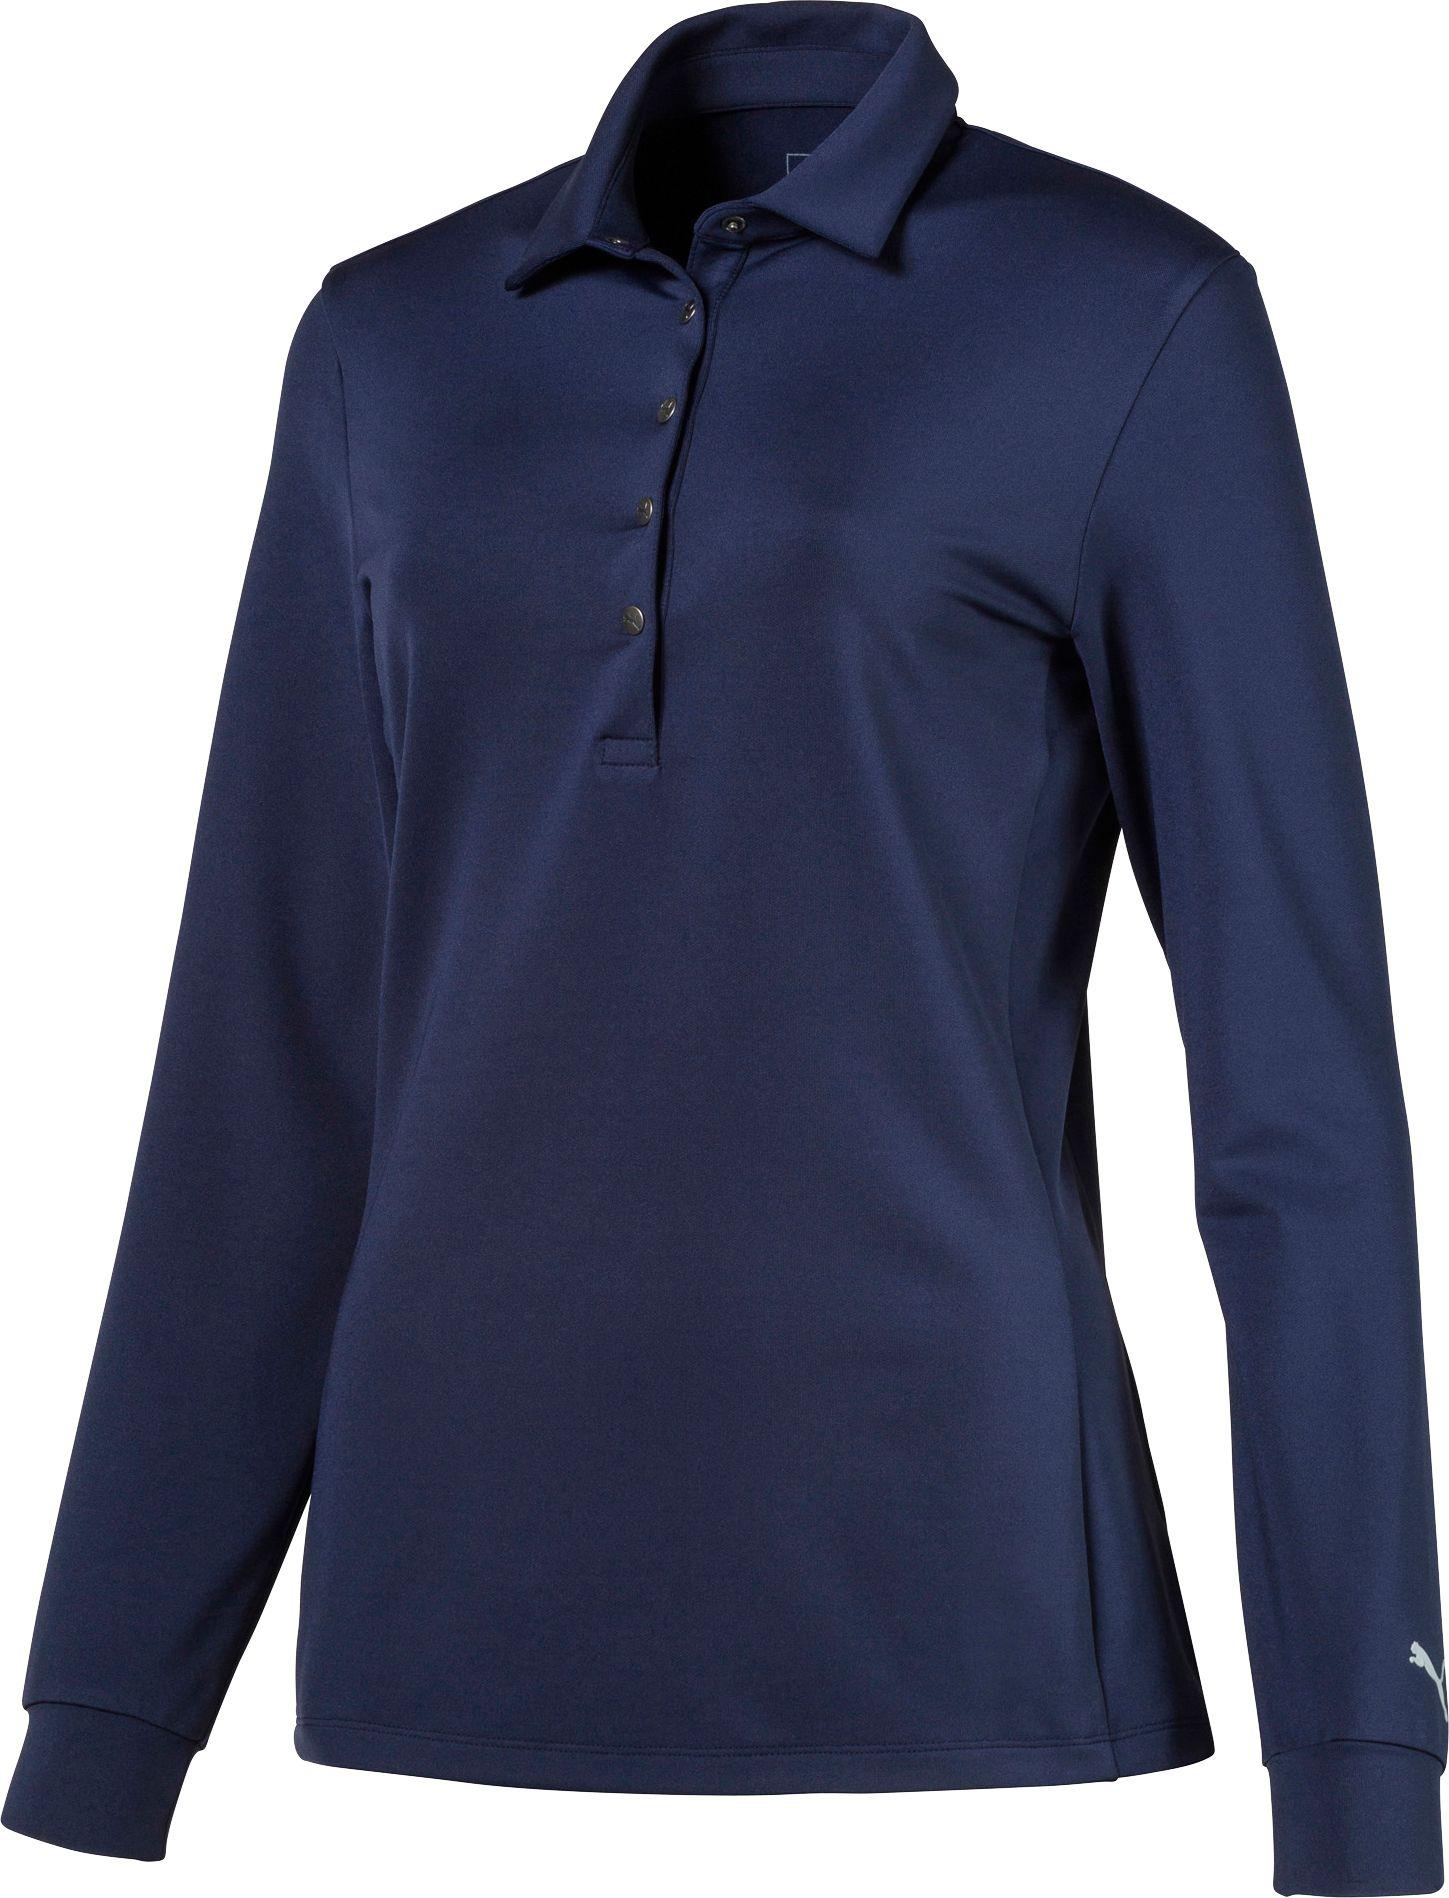 1298be10cc50 Puma Women s Long Sleeve Golf Polo